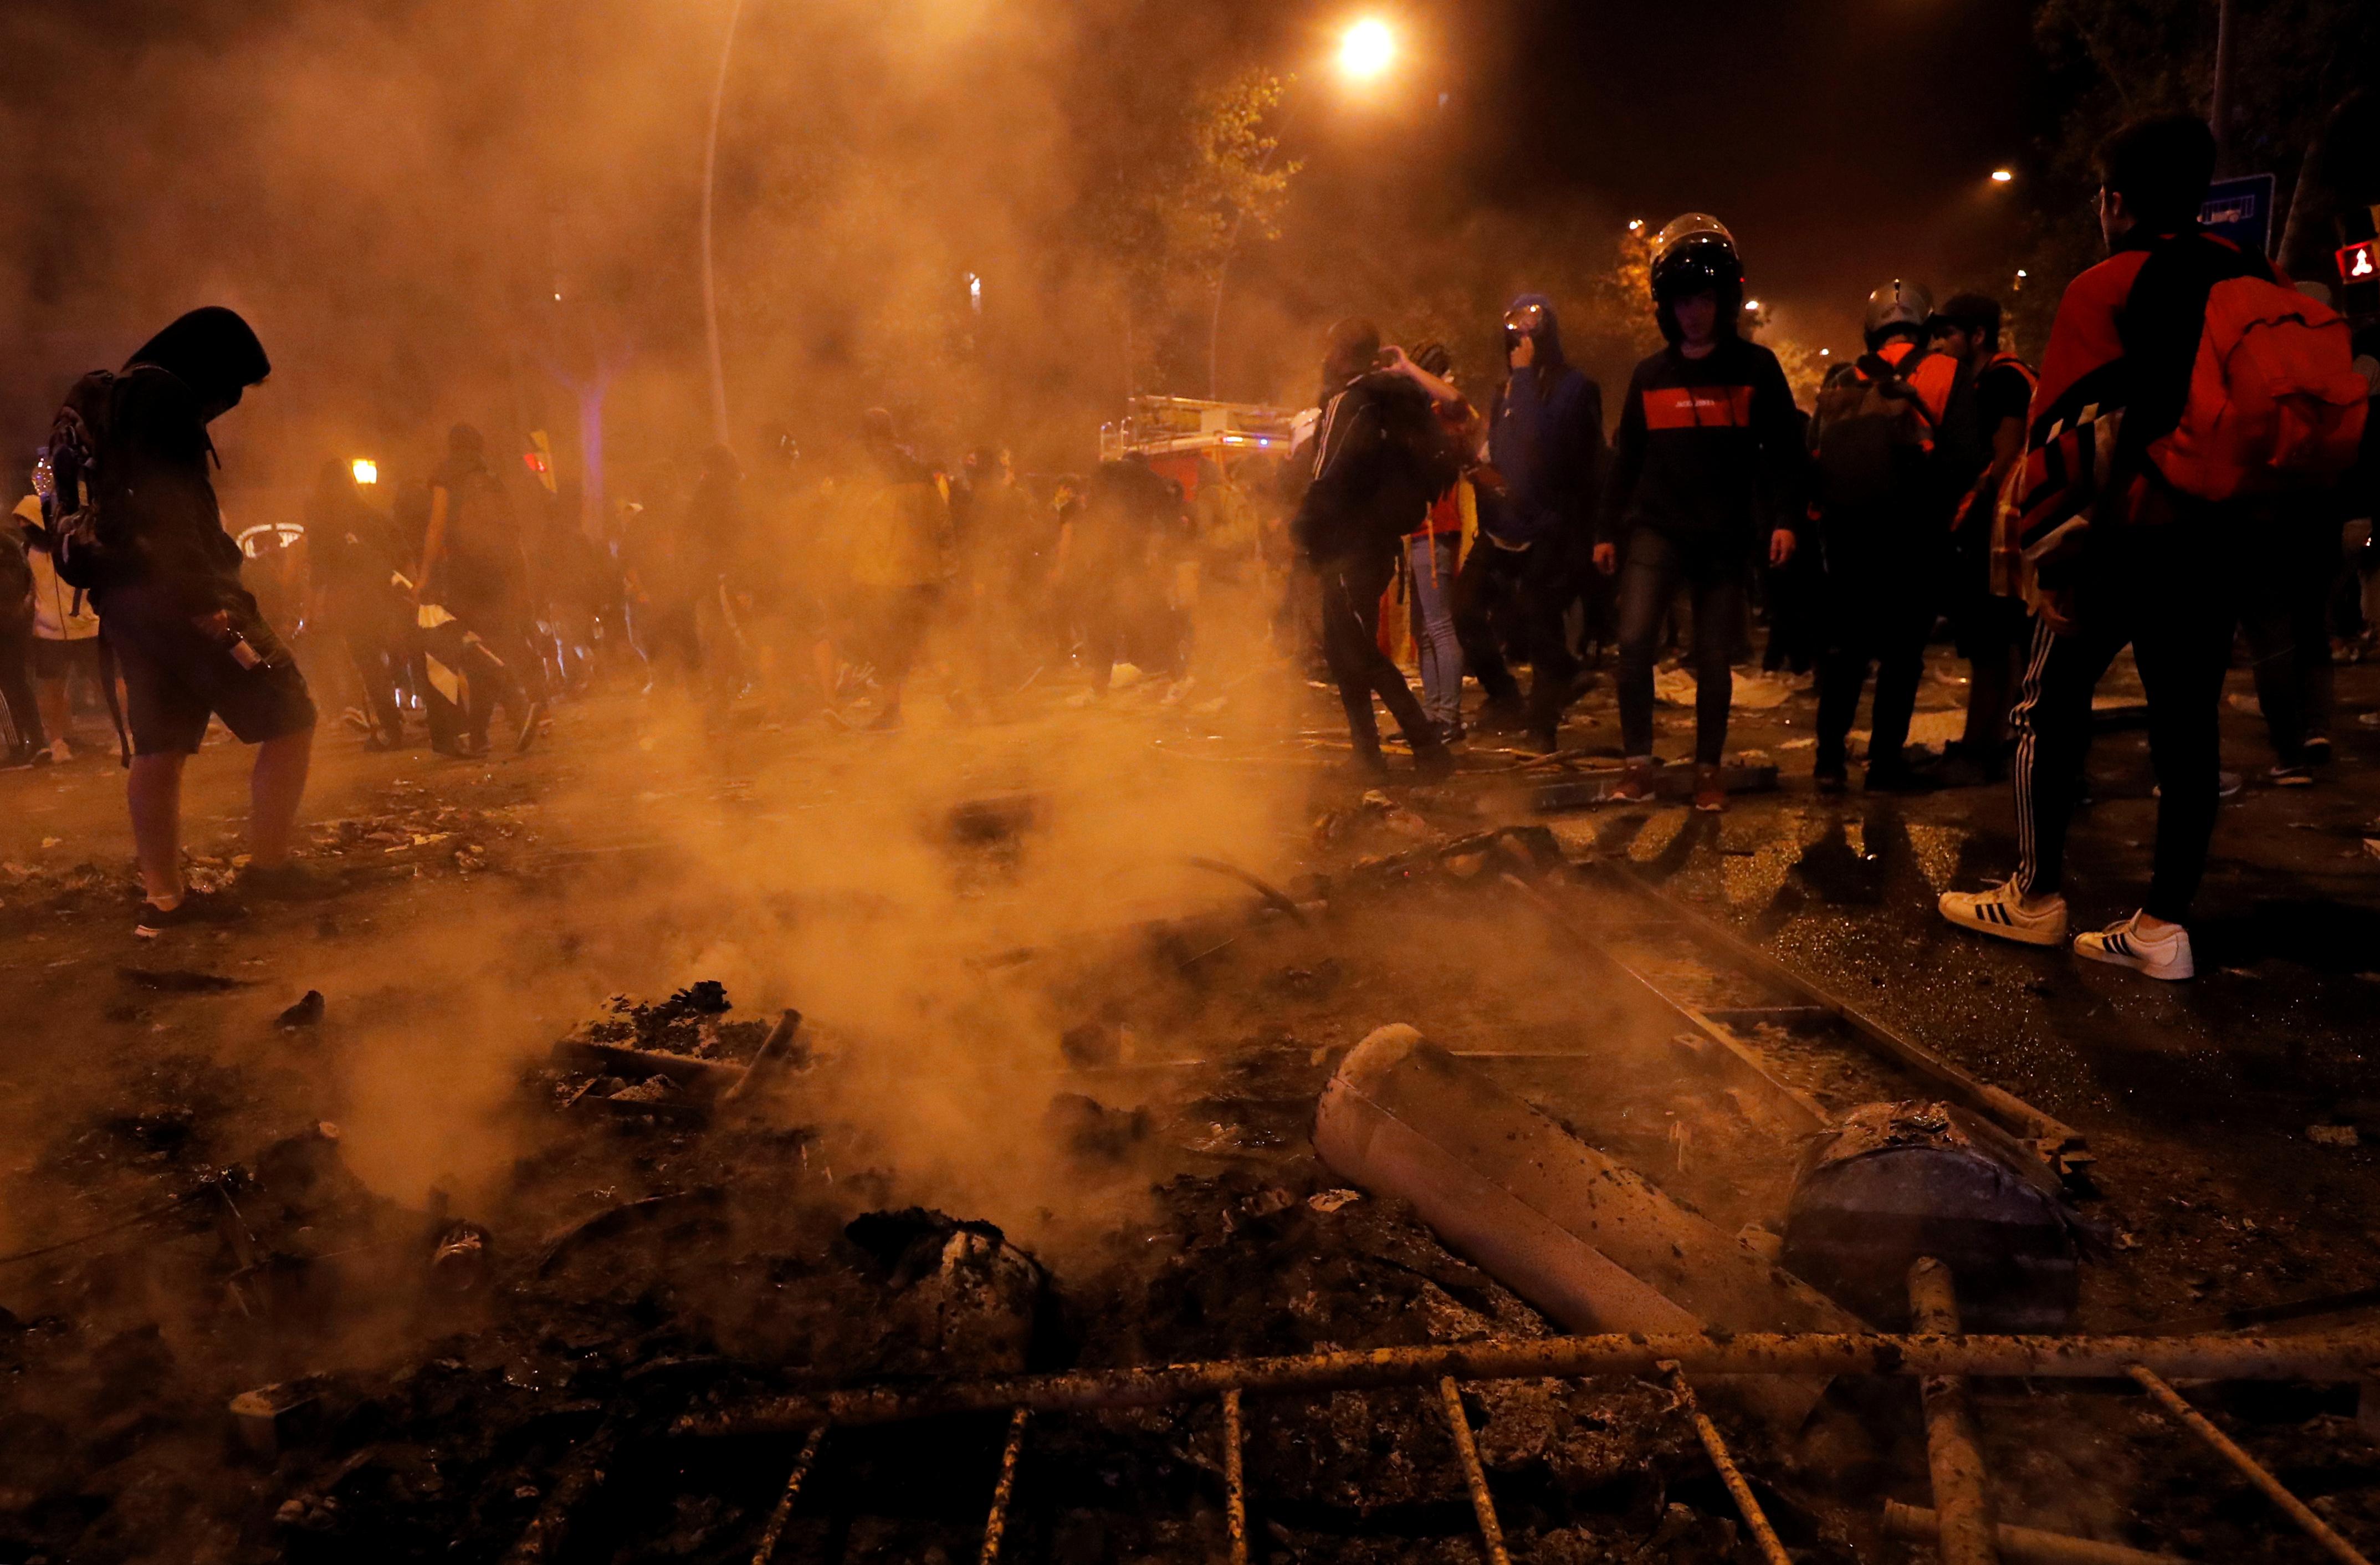 Carros são incendiados em Barcelona e manifestantes ignoram pedidos de calma